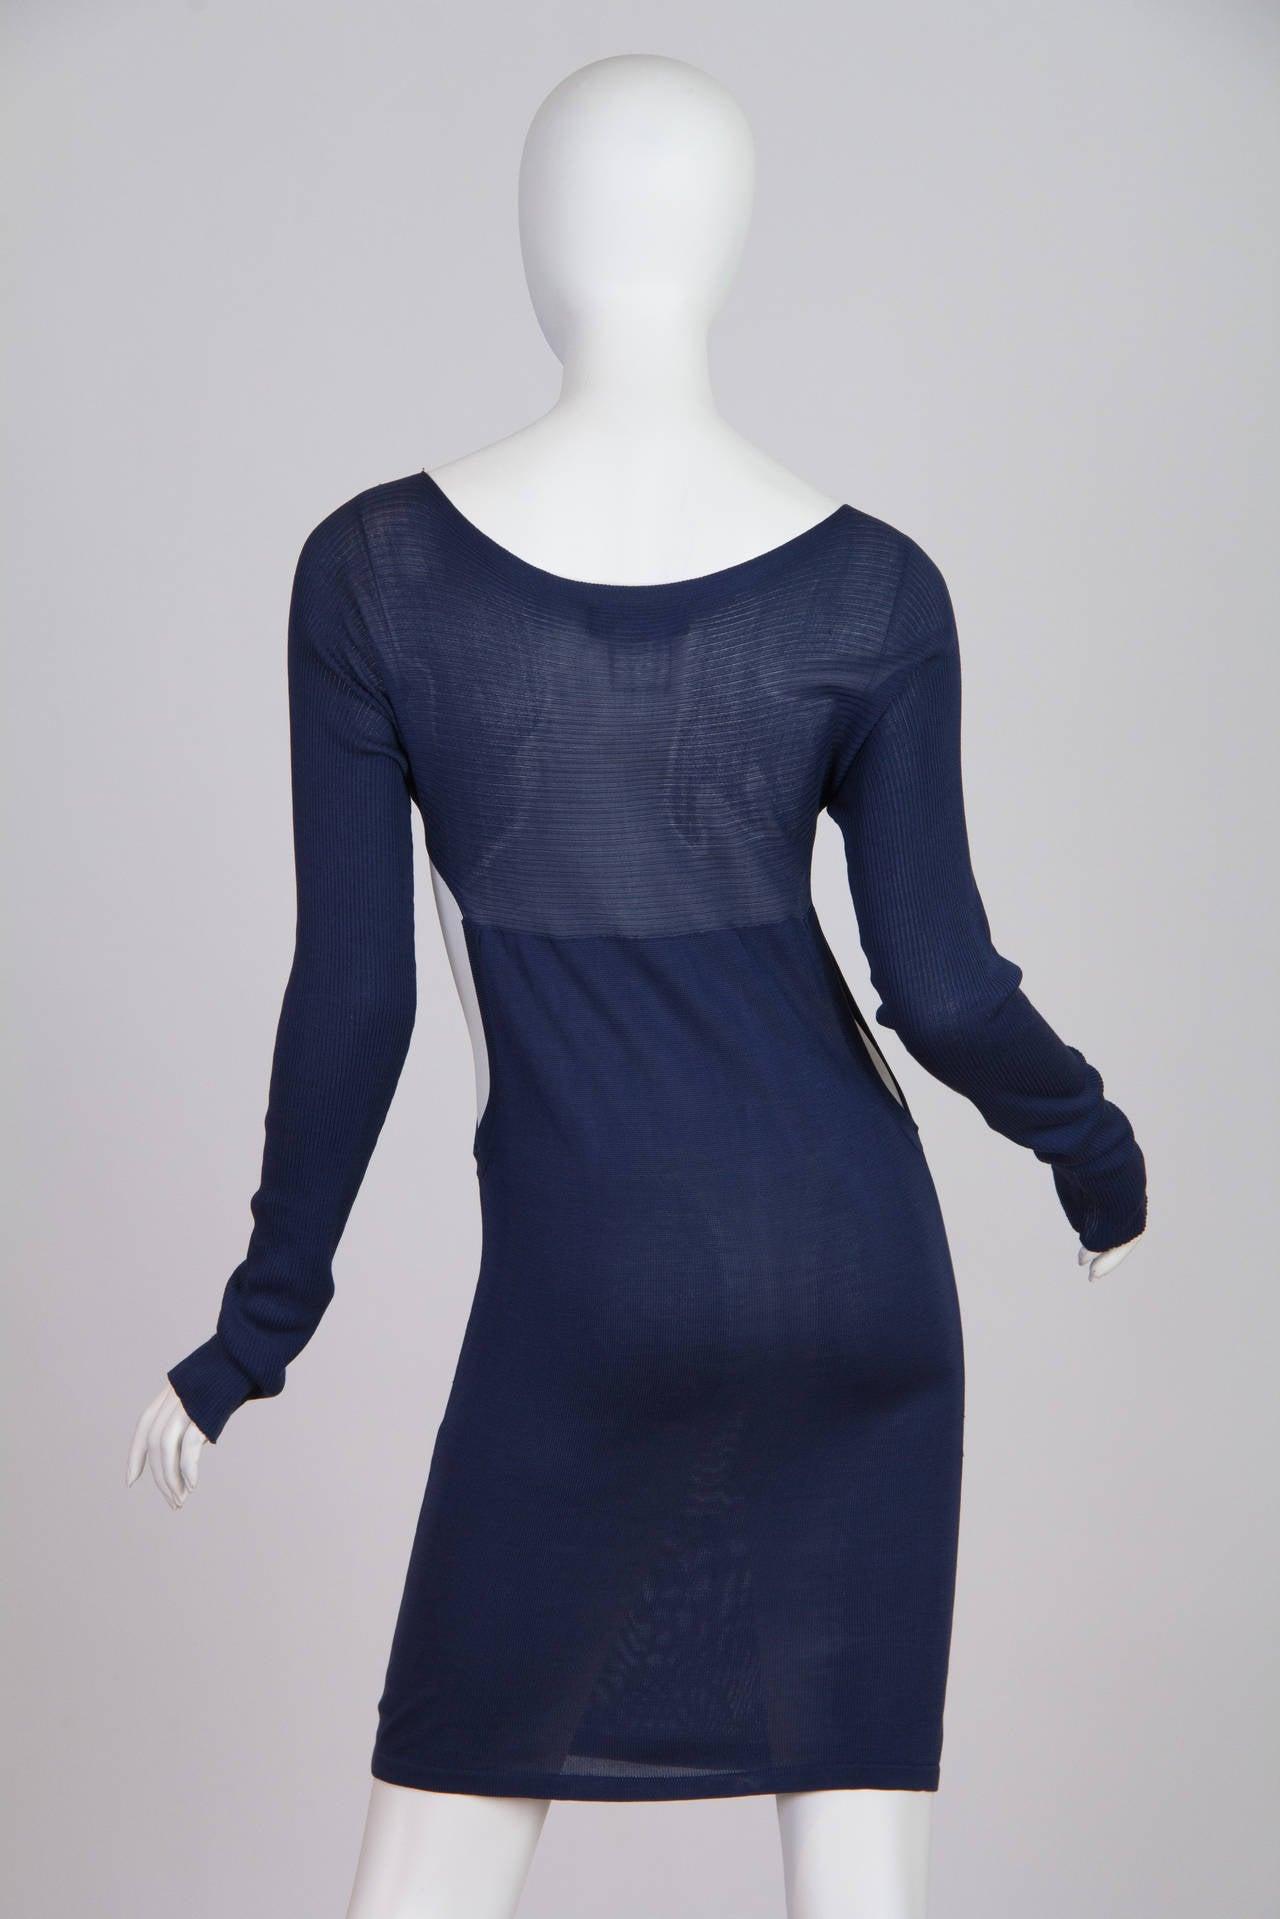 Yohji Yamamoto Side Cut-Out Dress 2